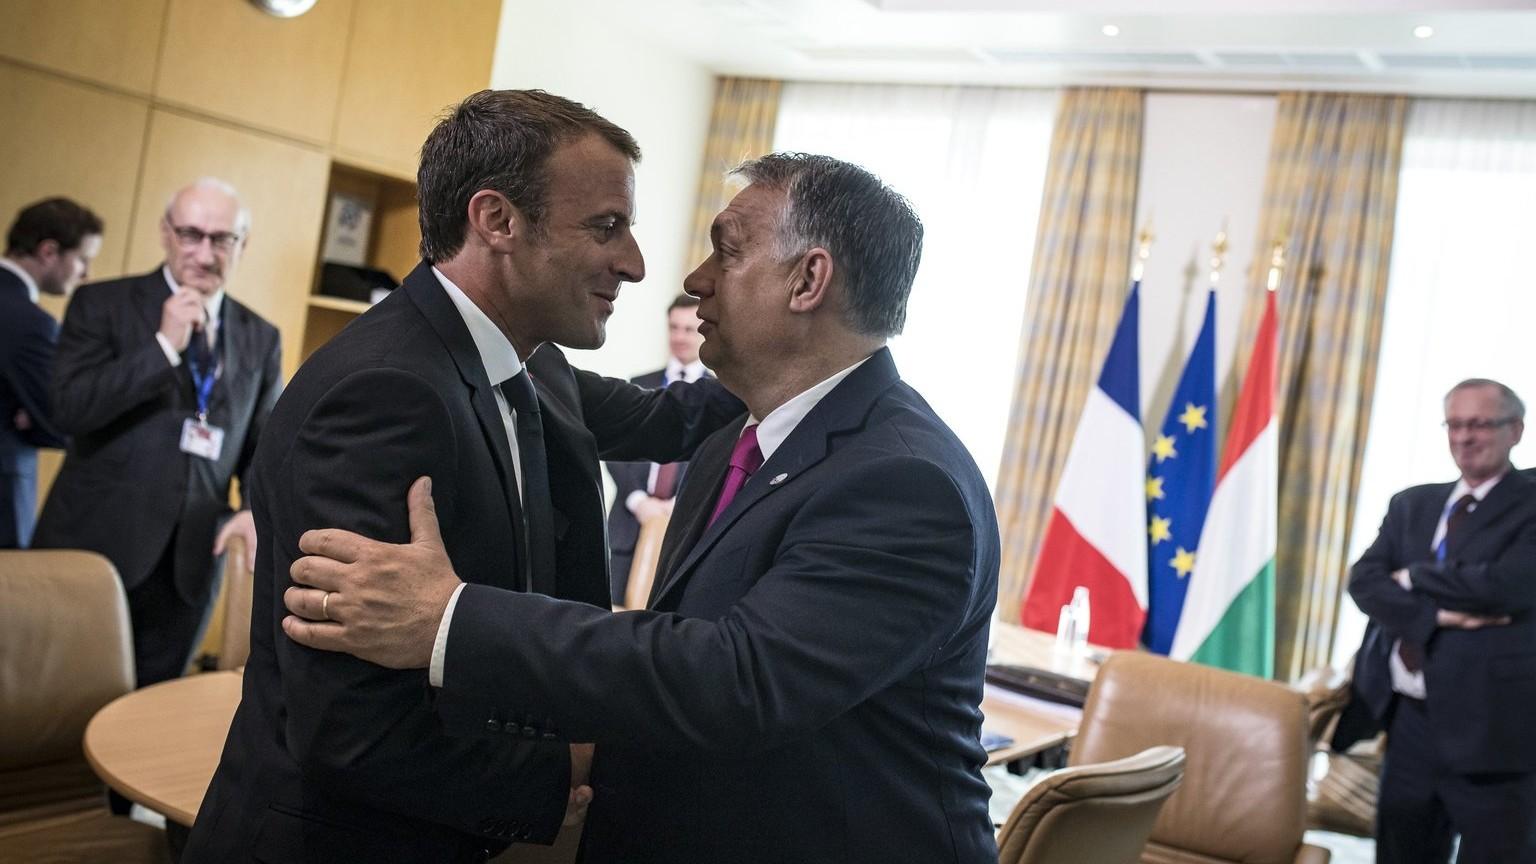 A Miniszterelnöki Sajtóiroda által közreadott képen Orbán Viktor miniszterelnök (j) és Emmanuel Macron francia elnök találkozója az EU és a nyugat-balkáni országok csúcstalálkozója előtt Szófiában 2018. május 17-én. MTI Fotó: Miniszterelnöki Sajtóiroda / Szecsődi Balázs